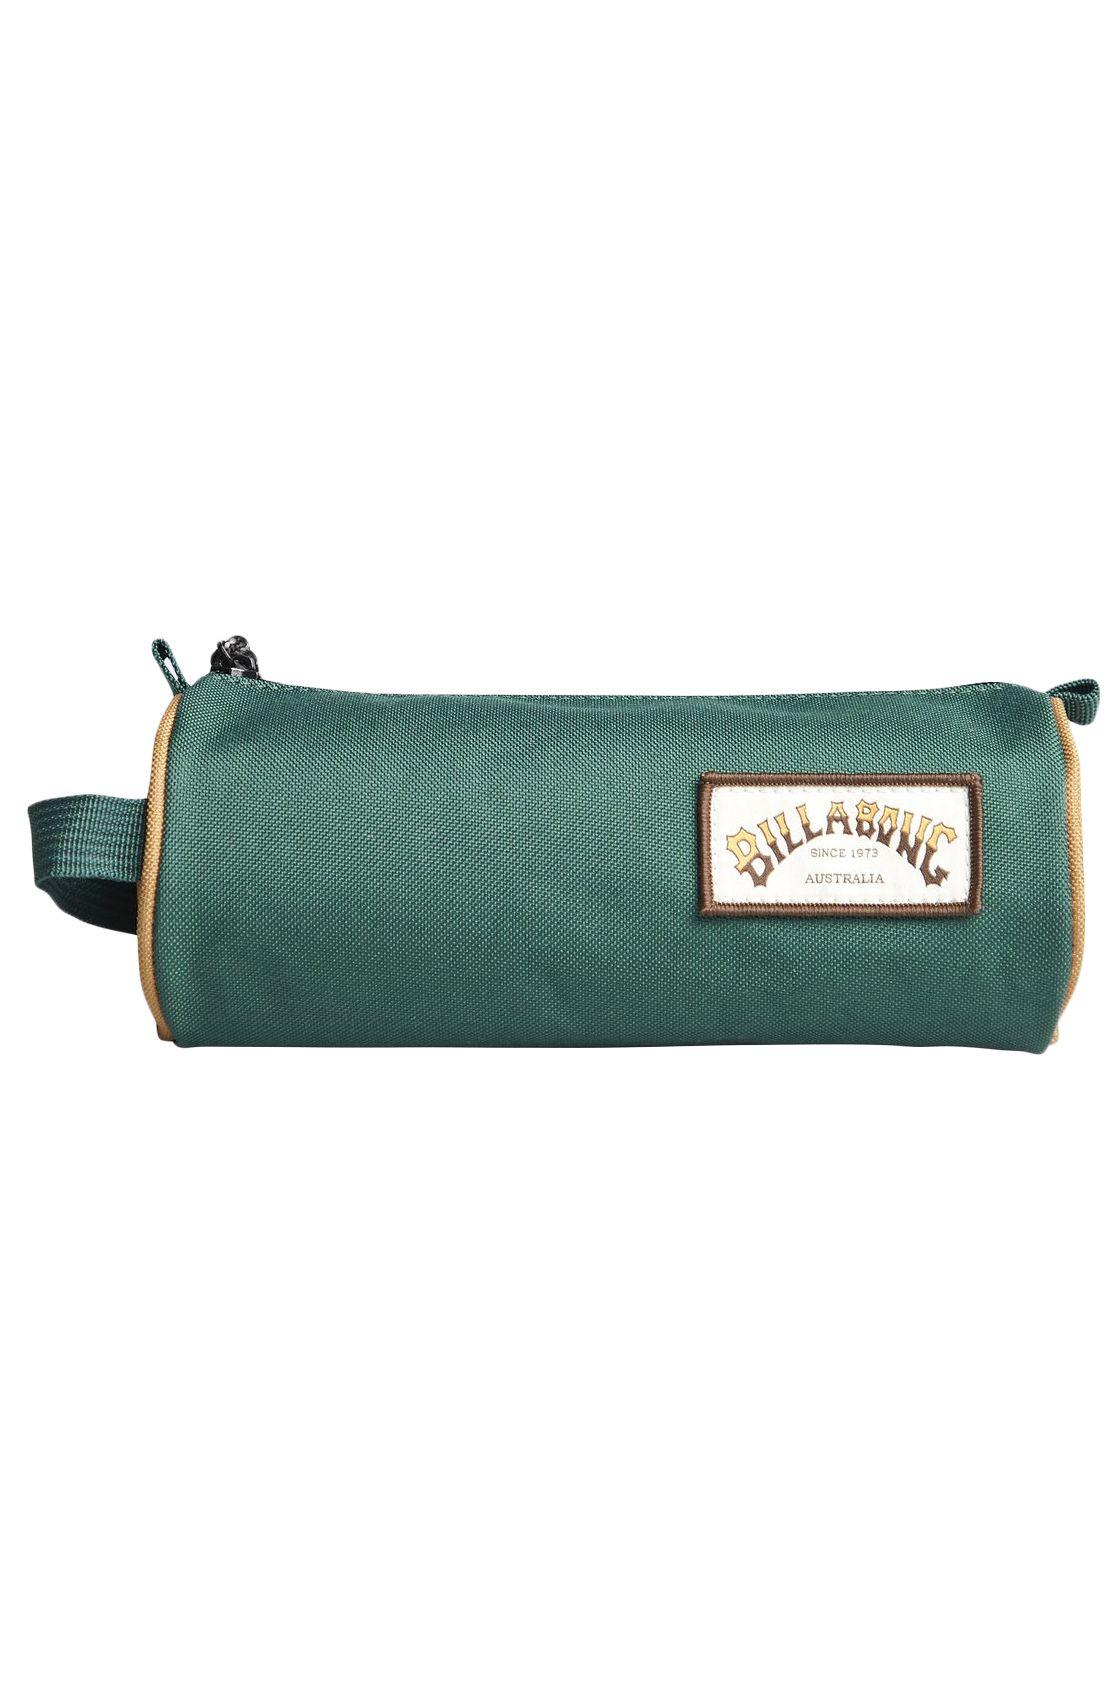 Billabong Pencil Case BARREL Emerald